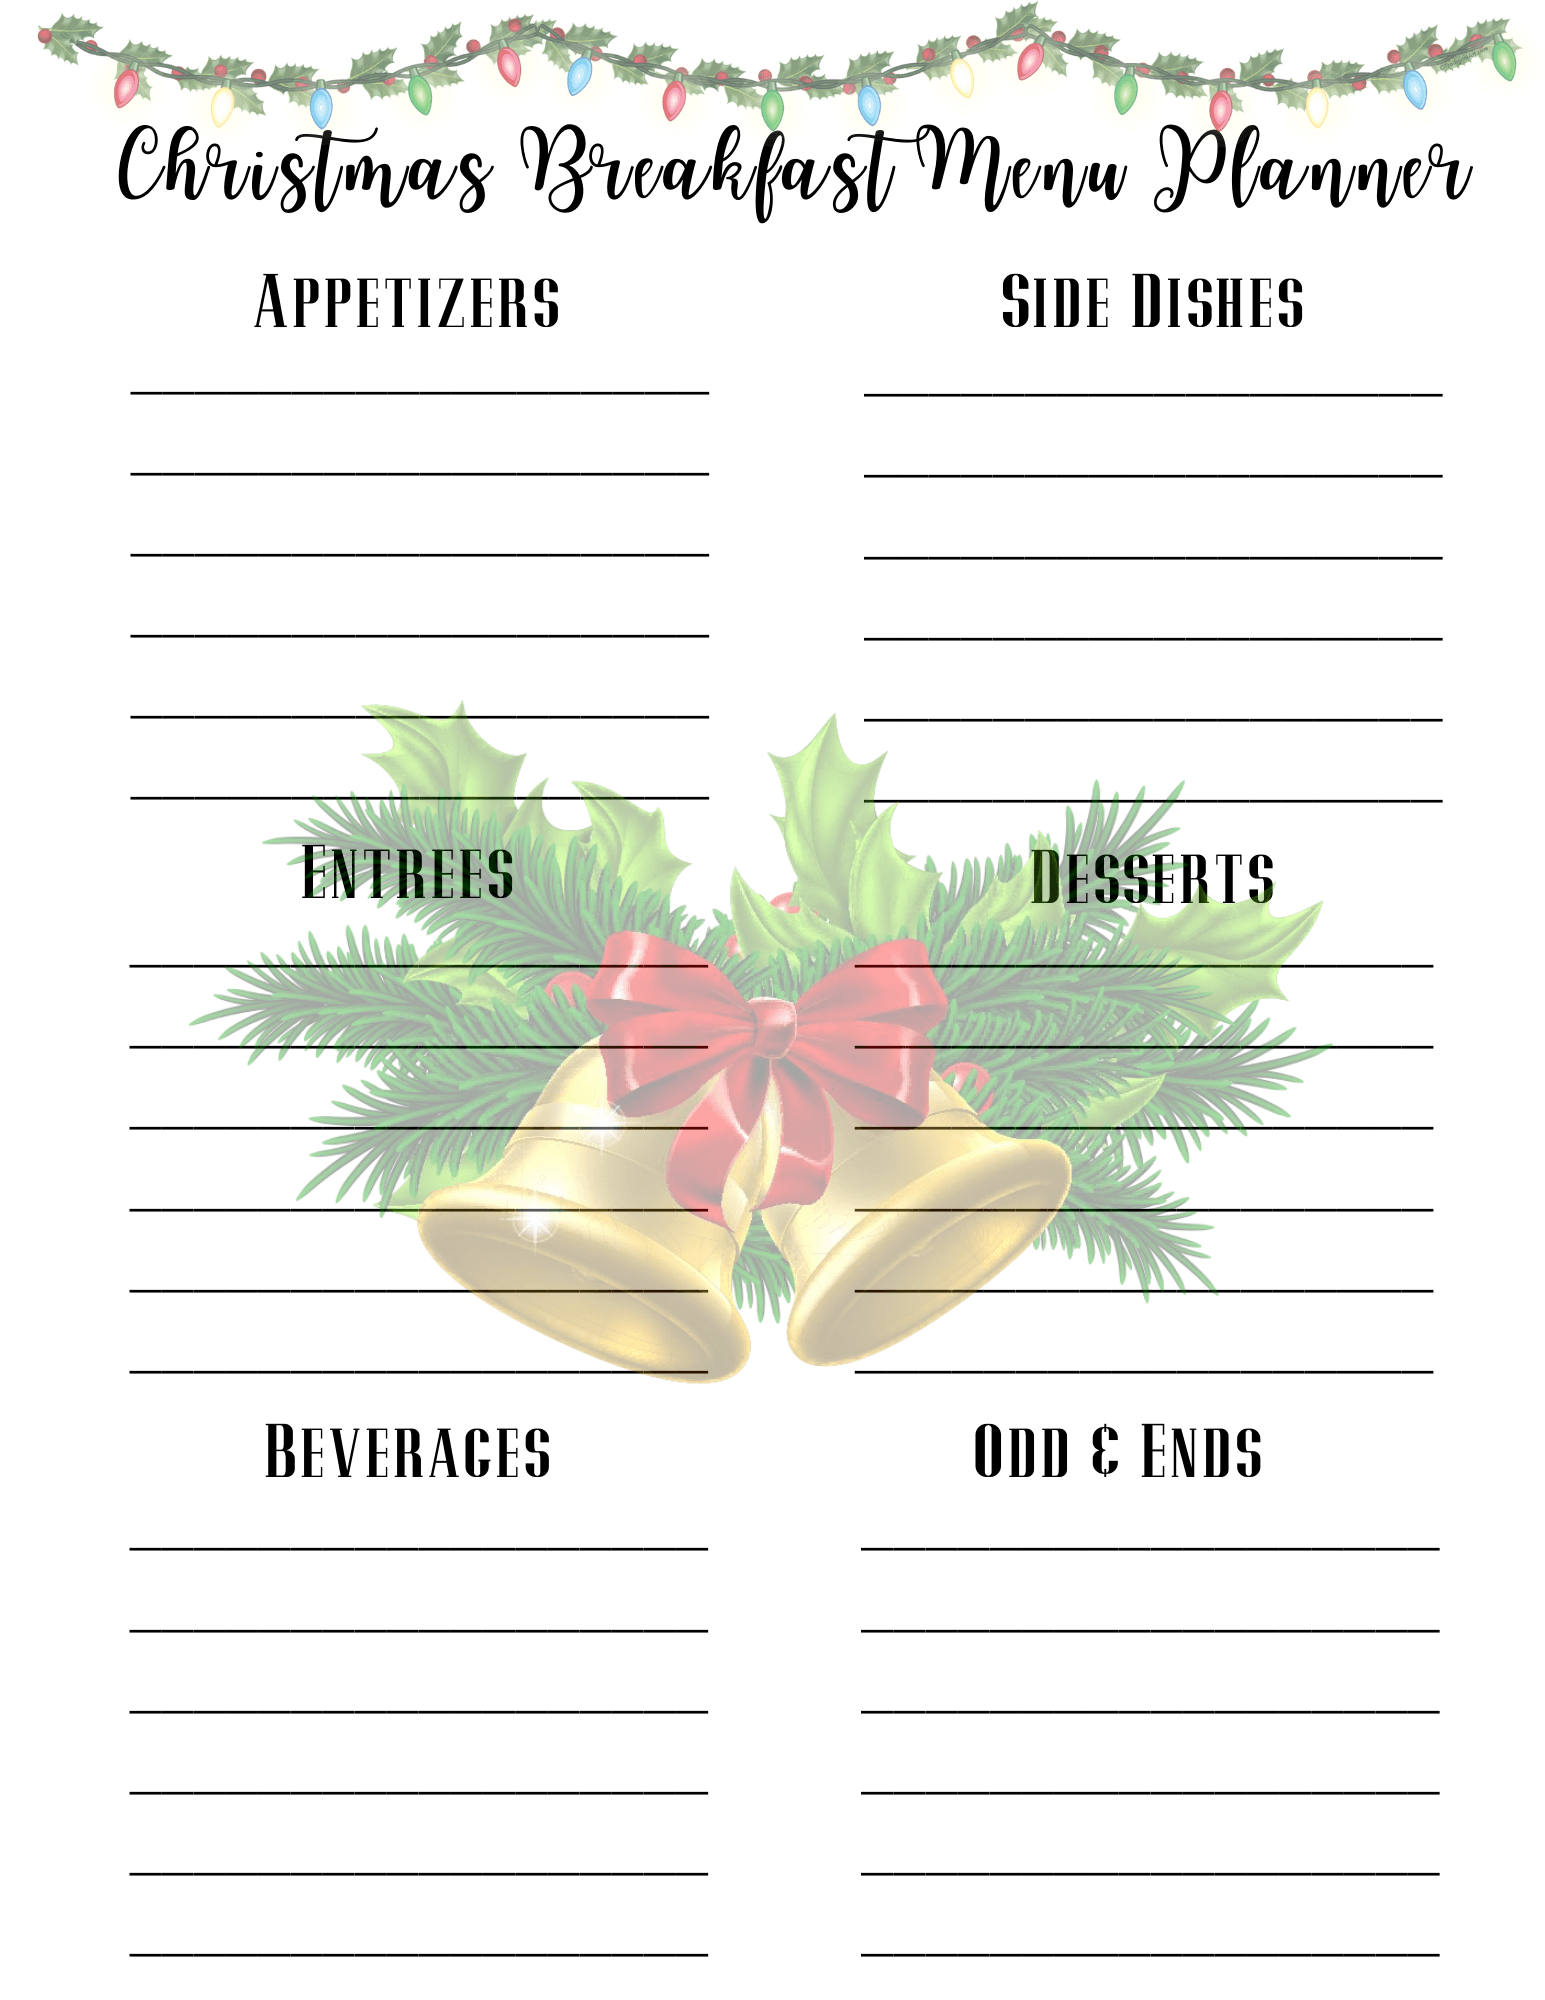 Christmas breakfast menu planner